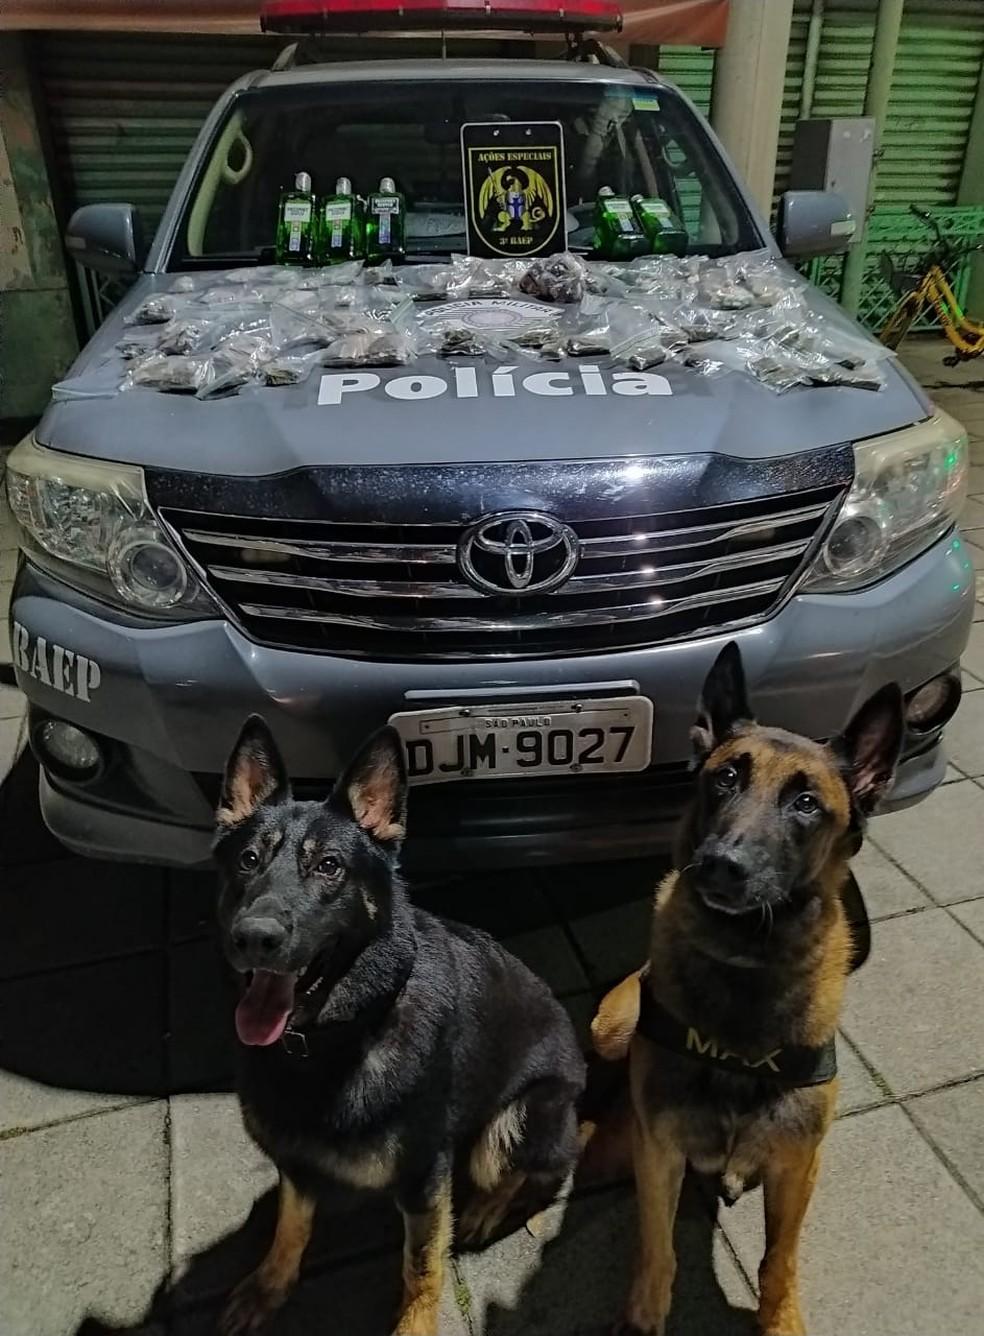 Cães do BAEP encontram drogas escondidas em barranco de São José dos Campos — Foto: Polícia Militar